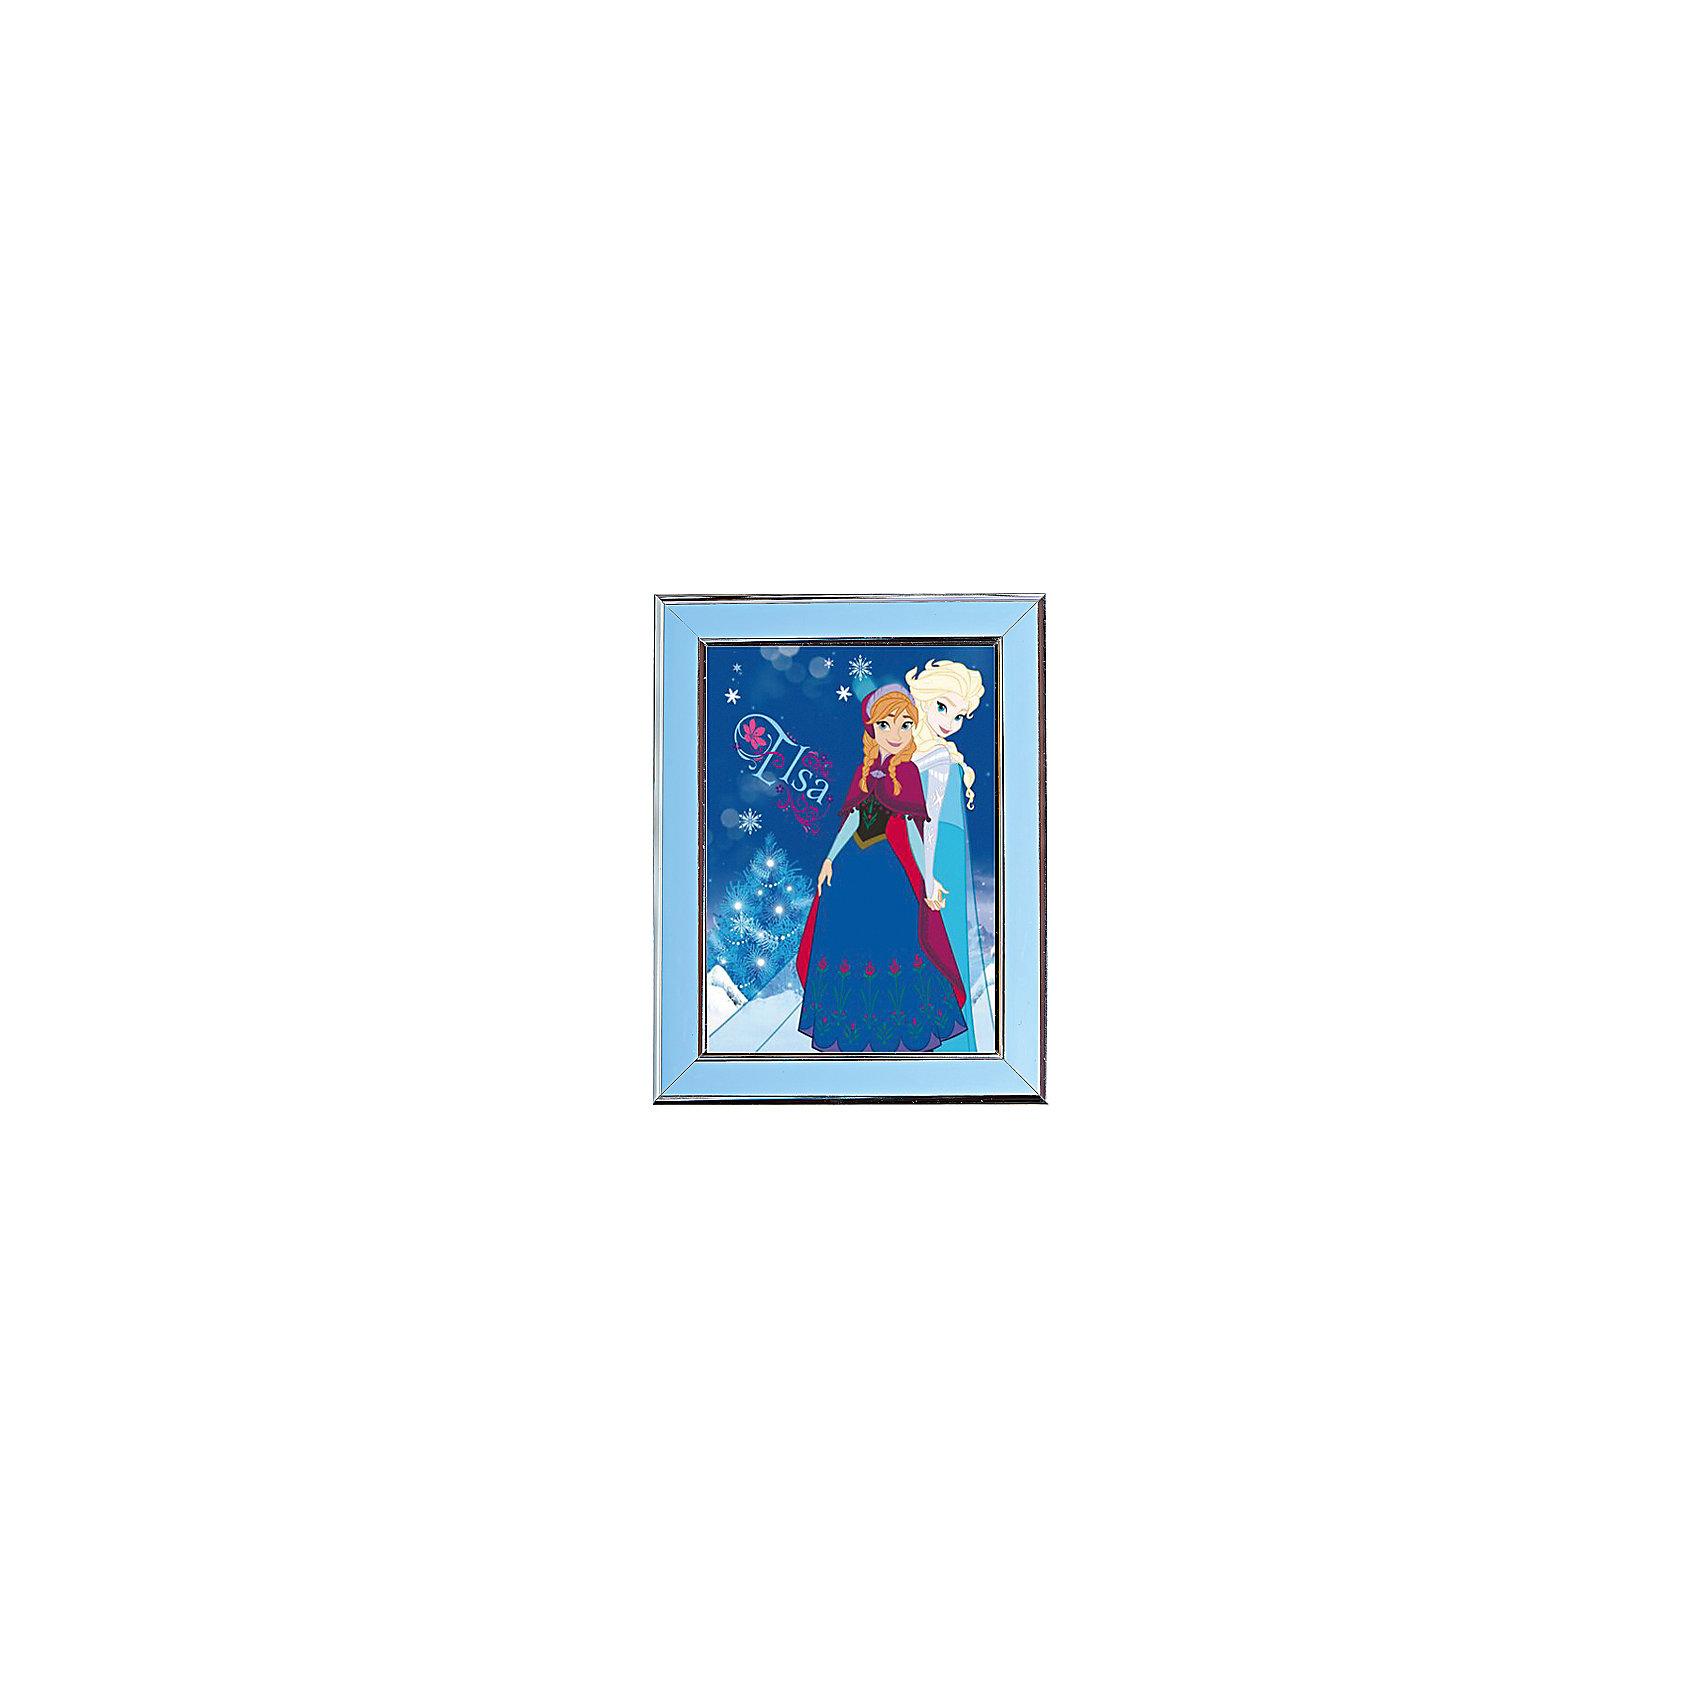 Мозаичная картина ПринцессаТрафарет из плотного картона 17*21, с клеевым слоем, нанесенной схемой рисунка, декоративной пластиковой рамкой и защитным оргстеклом. В комплект дополнительно входит: контейнер для элементов мозаики, мозаичные элементы, специальный клеевой карандаш. От 7 лет. Уровень сложности и количество цветов указаны на коробке.<br><br>Ширина мм: 200<br>Глубина мм: 225<br>Высота мм: 30<br>Вес г: 250<br>Возраст от месяцев: 84<br>Возраст до месяцев: 36<br>Пол: Унисекс<br>Возраст: Детский<br>SKU: 5417622